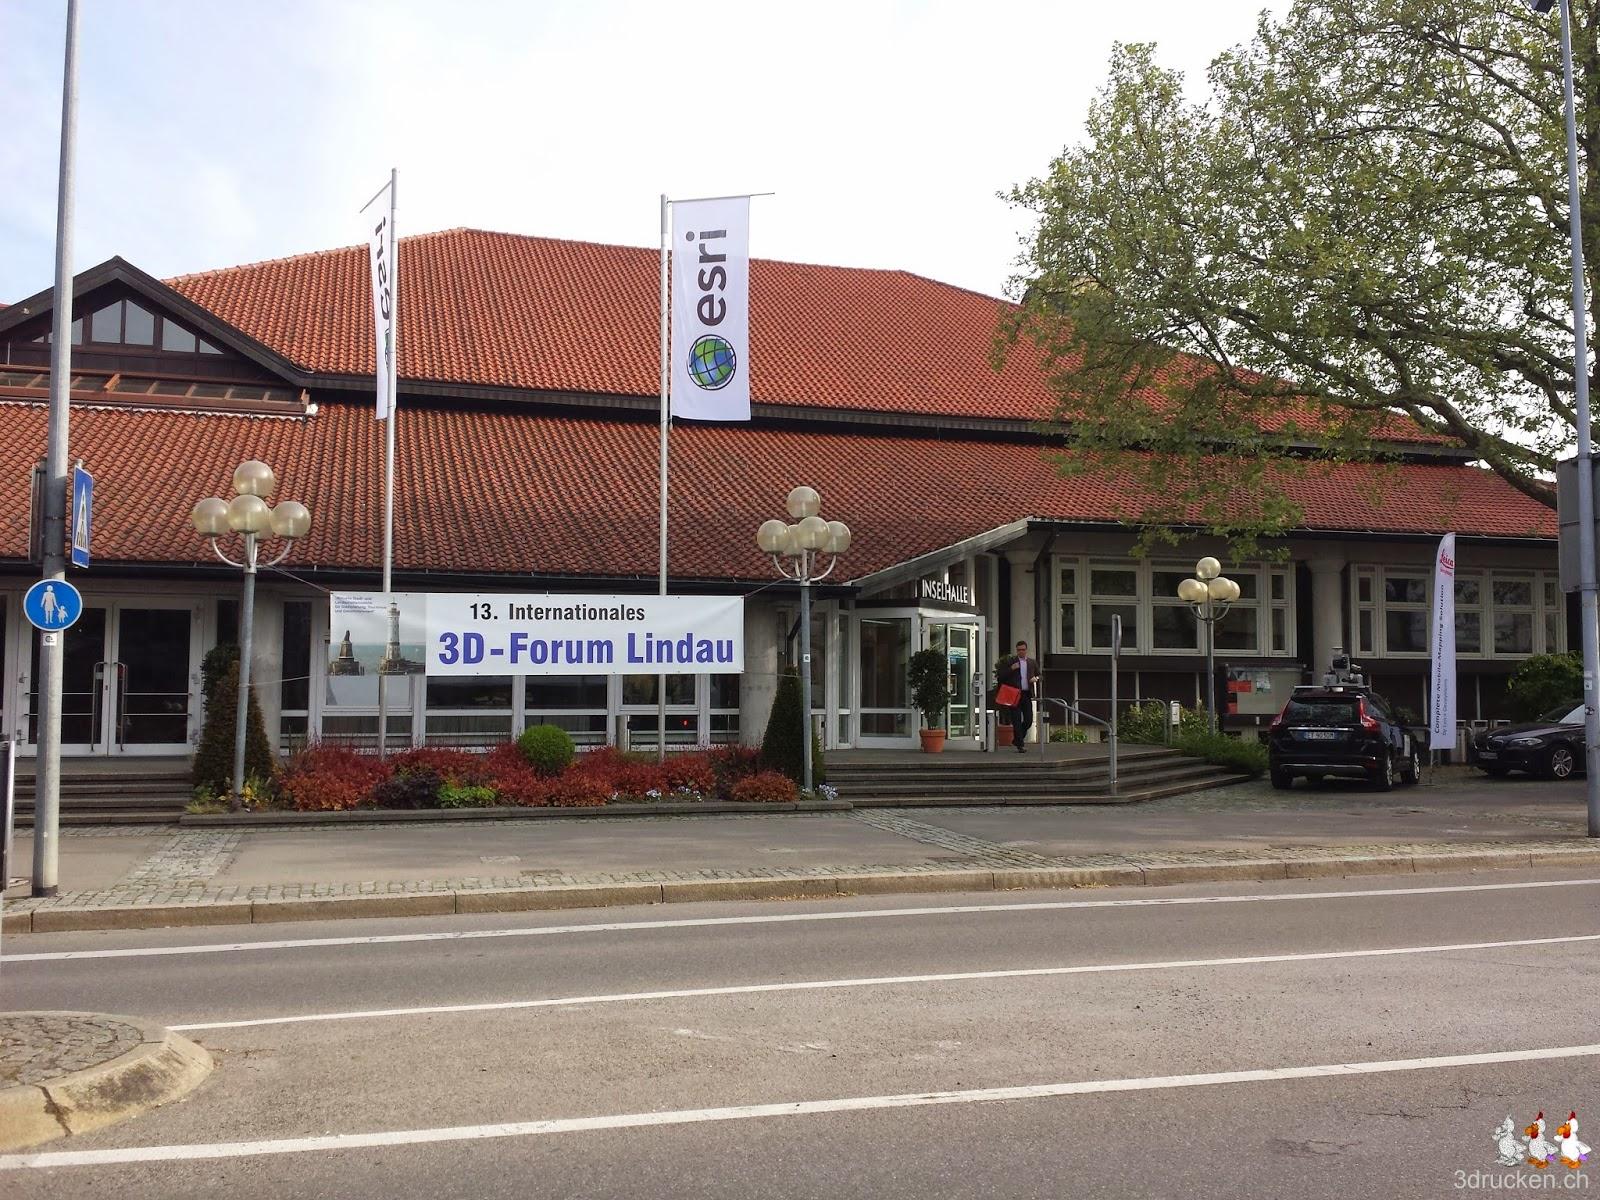 Foto des Kongressgebäudes in Lindau mit dem Banner des 13. Internationalen 3D - Forum Lindau und den Fahnen von Sponsor ESRI